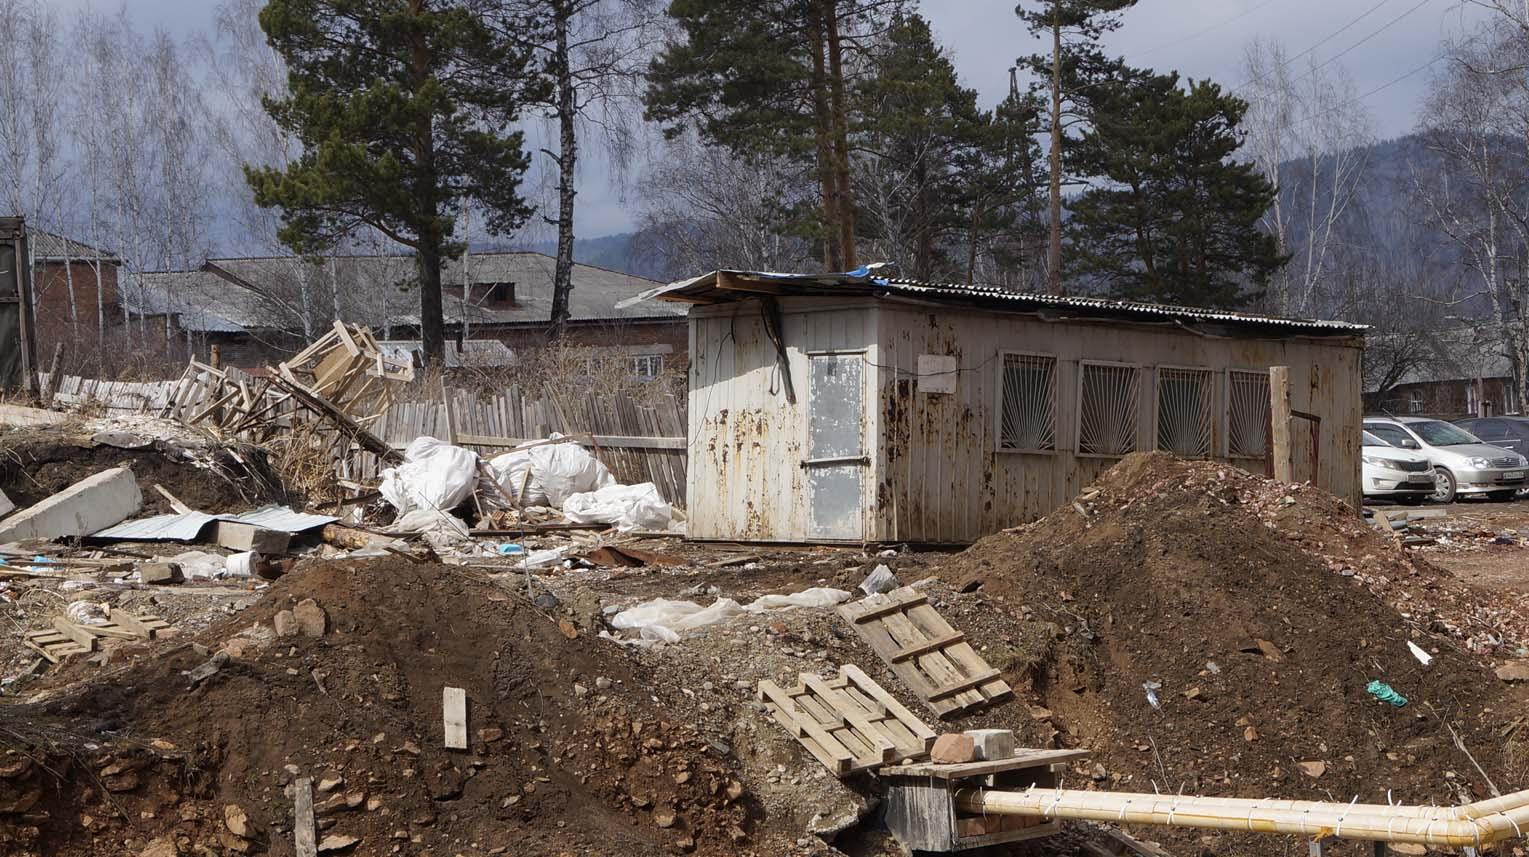 ОПАСНОСТЬ ЗА ЗАБОРОМ (Строительный мусор за домом)